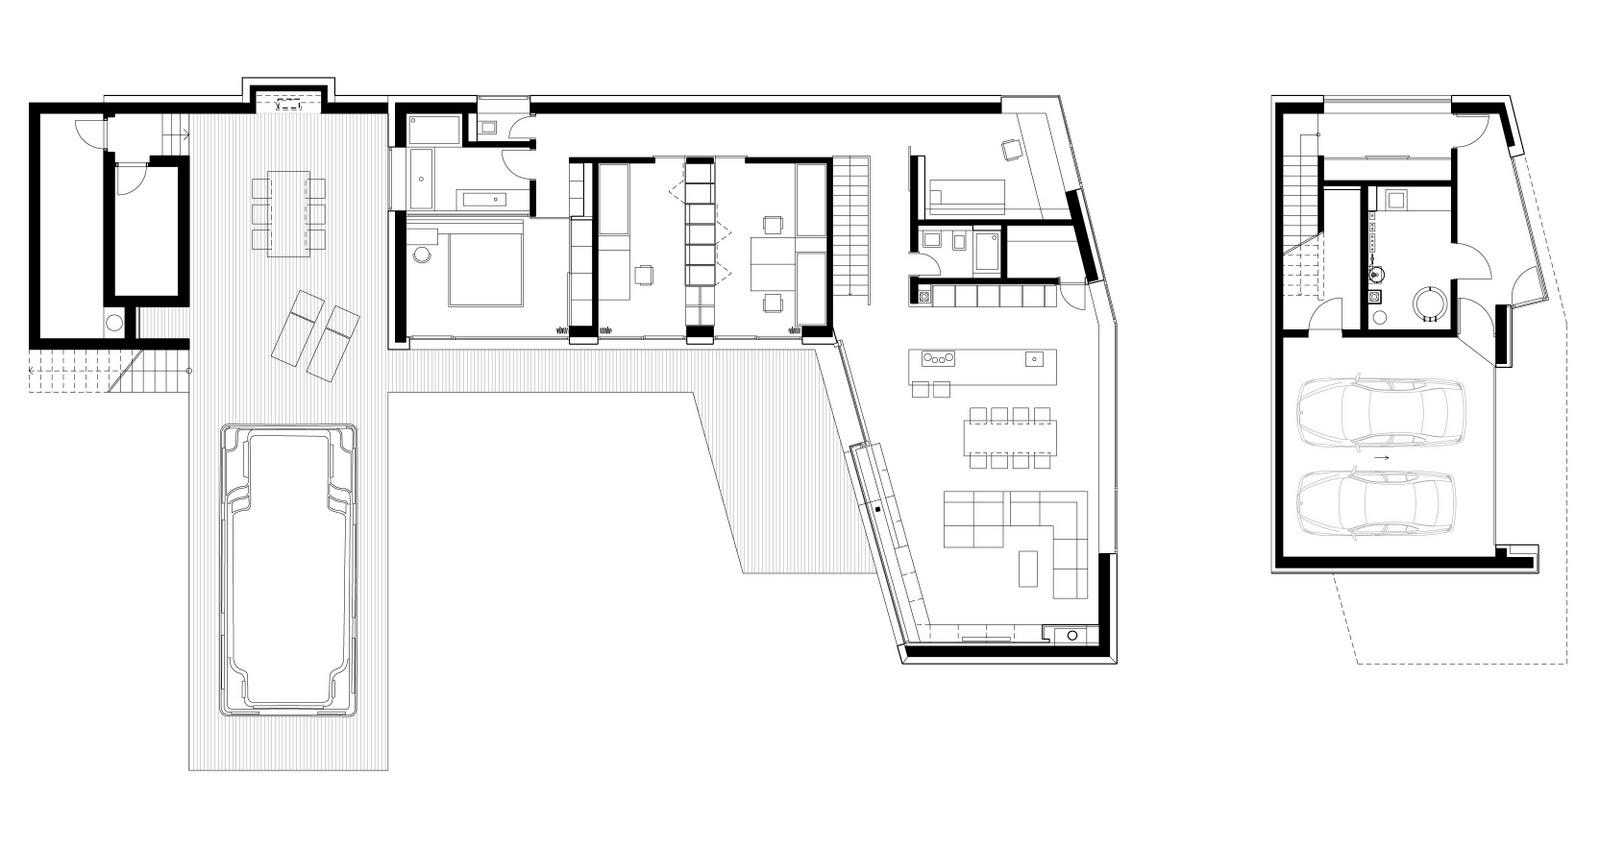 Interiores minimalistas casa minimalista en eslovaquia de - Casas minimalistas interiores ...